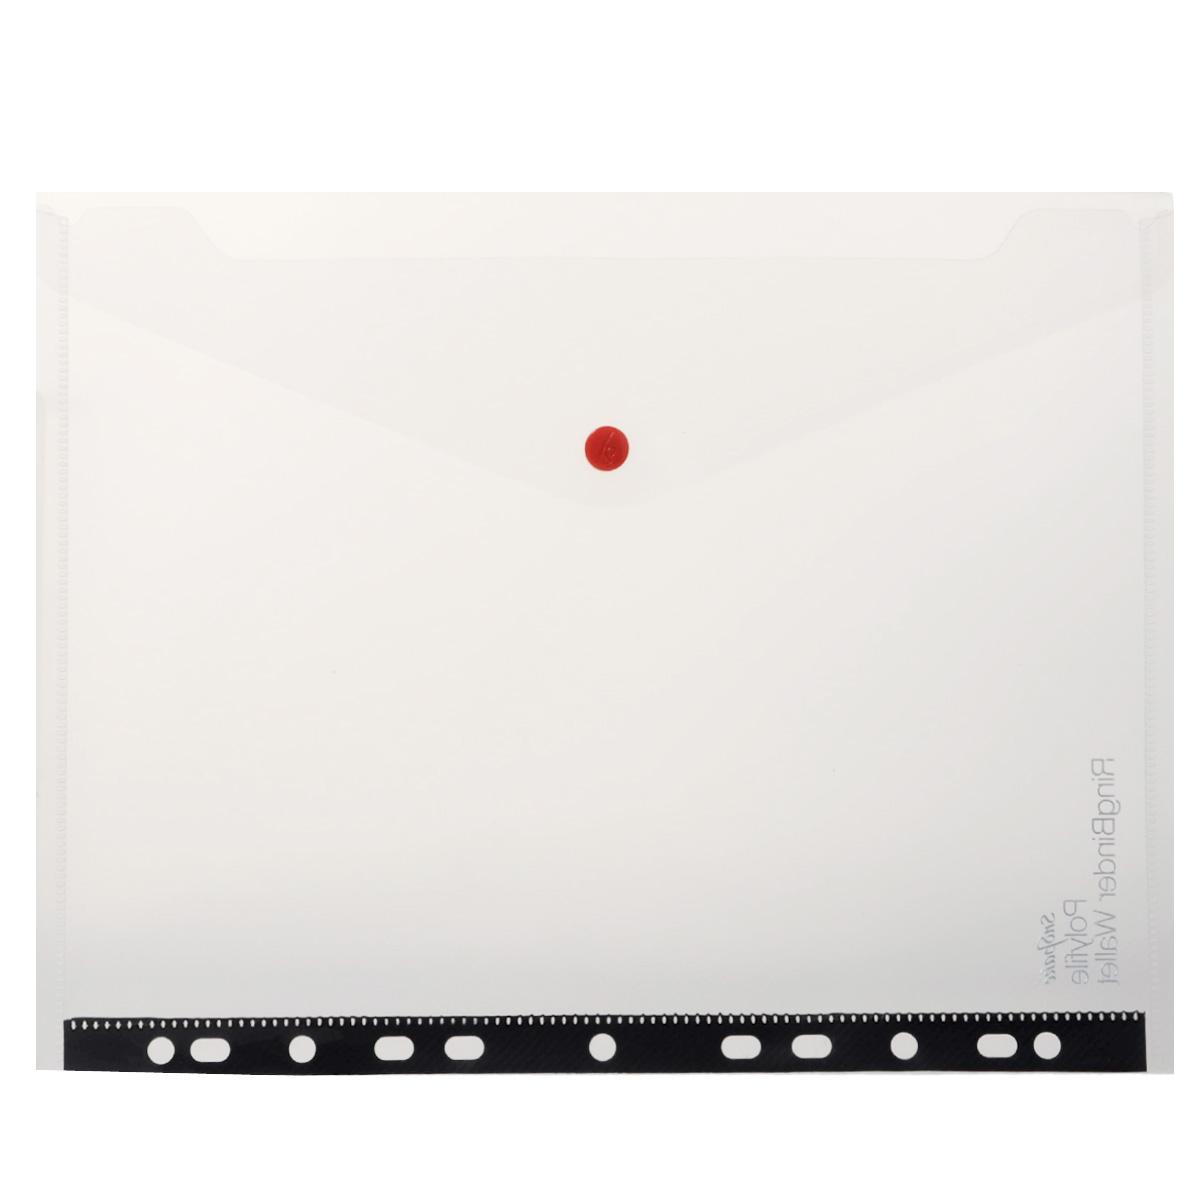 Папка-конверт на кнопке Snopake Polyfile: RingBinder Wallet, с перфорацией, цвет: прозрачный. Формат А4K12566